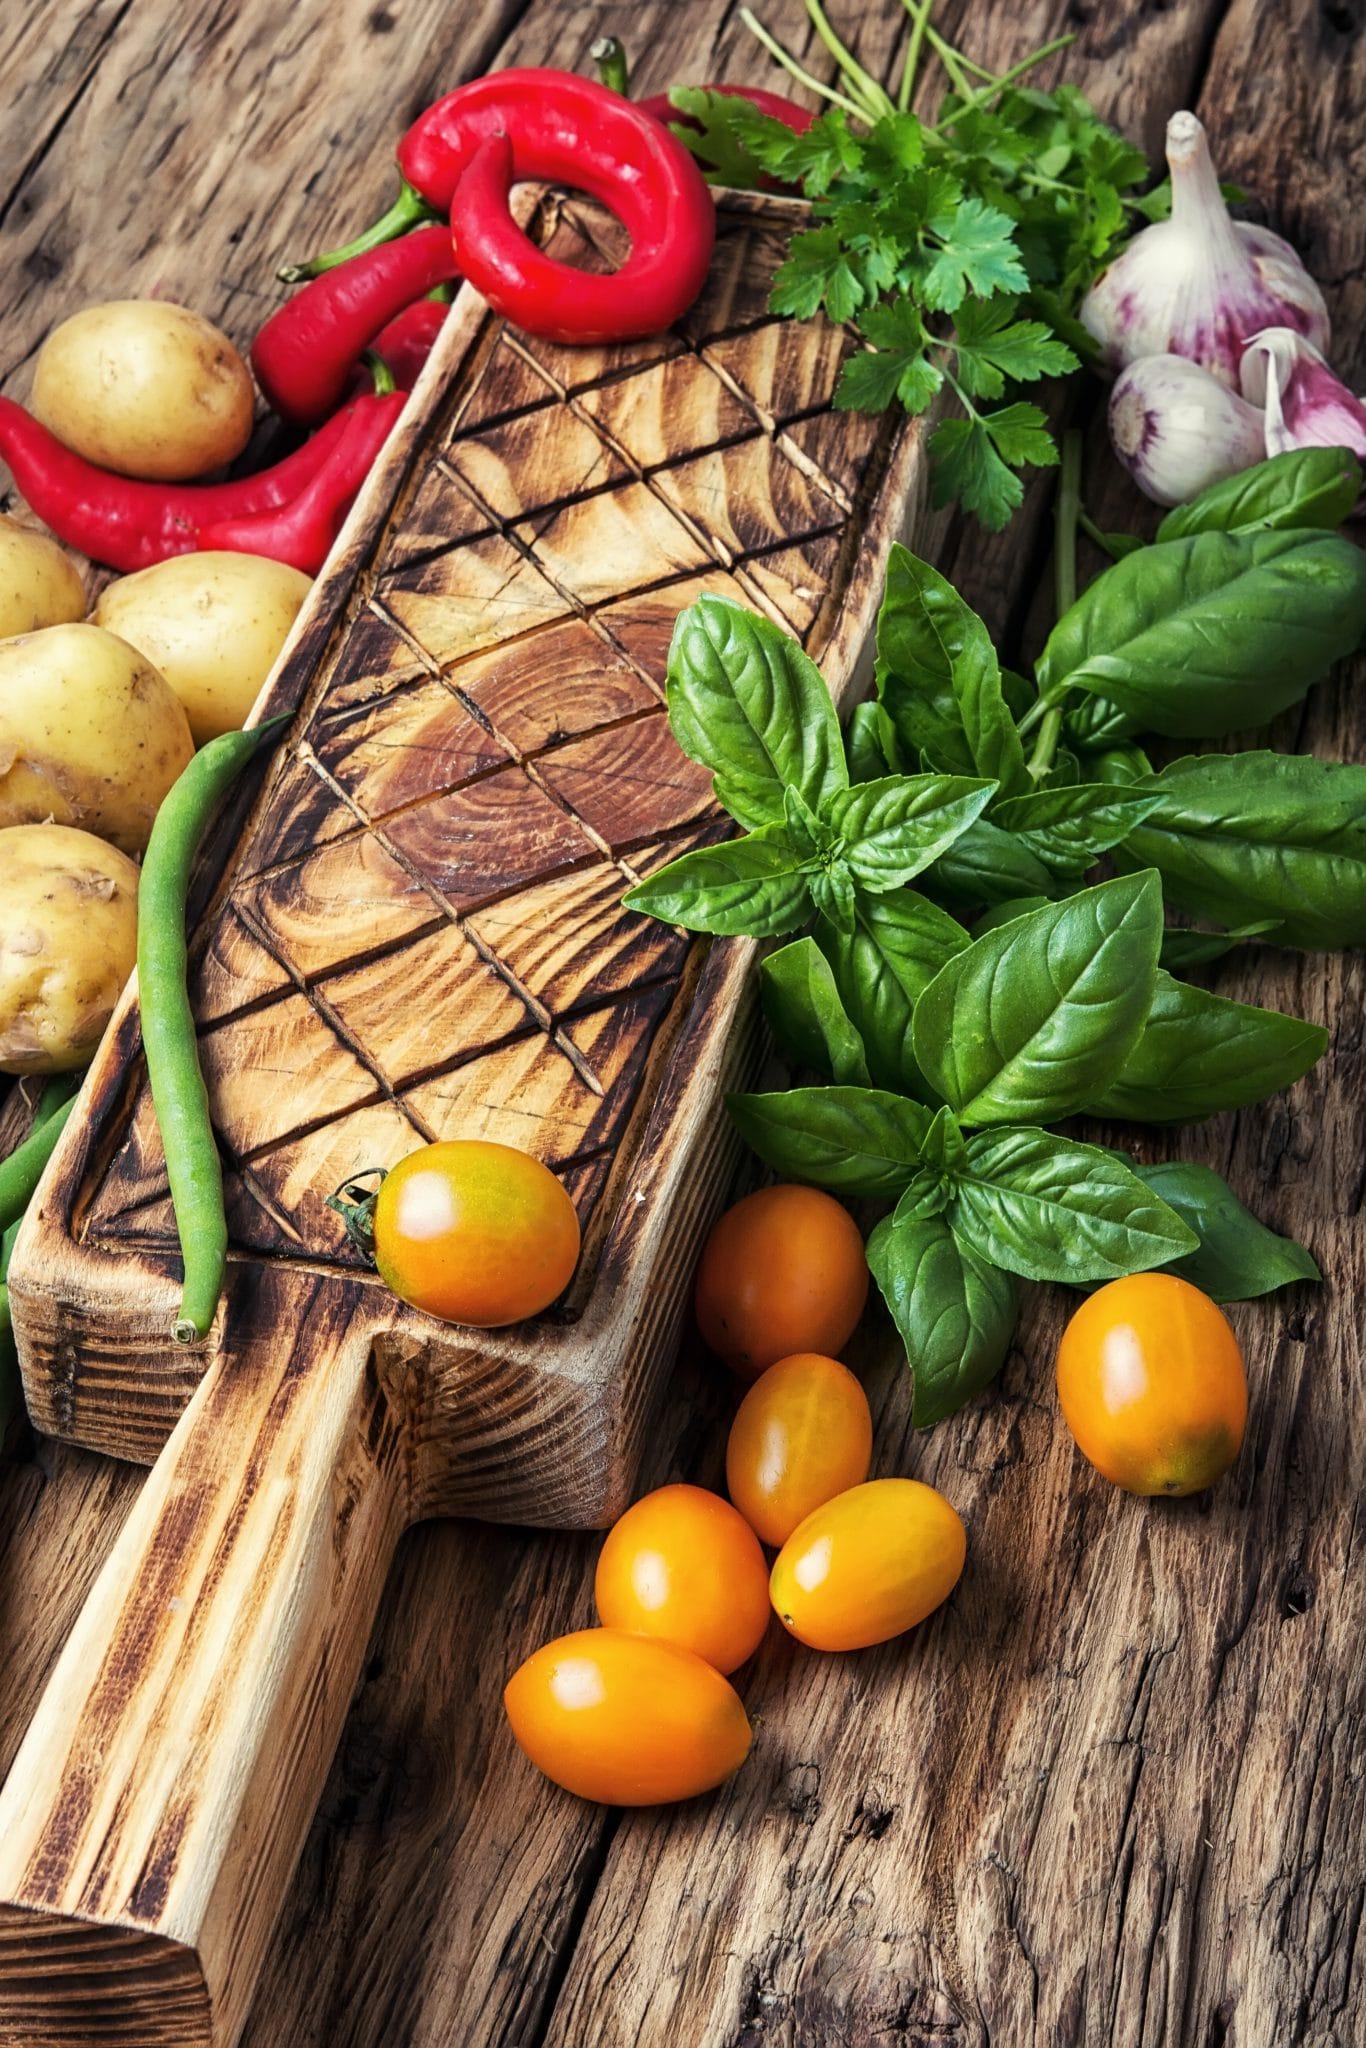 harvest-of-summer-vegetables-PUPJ6RG